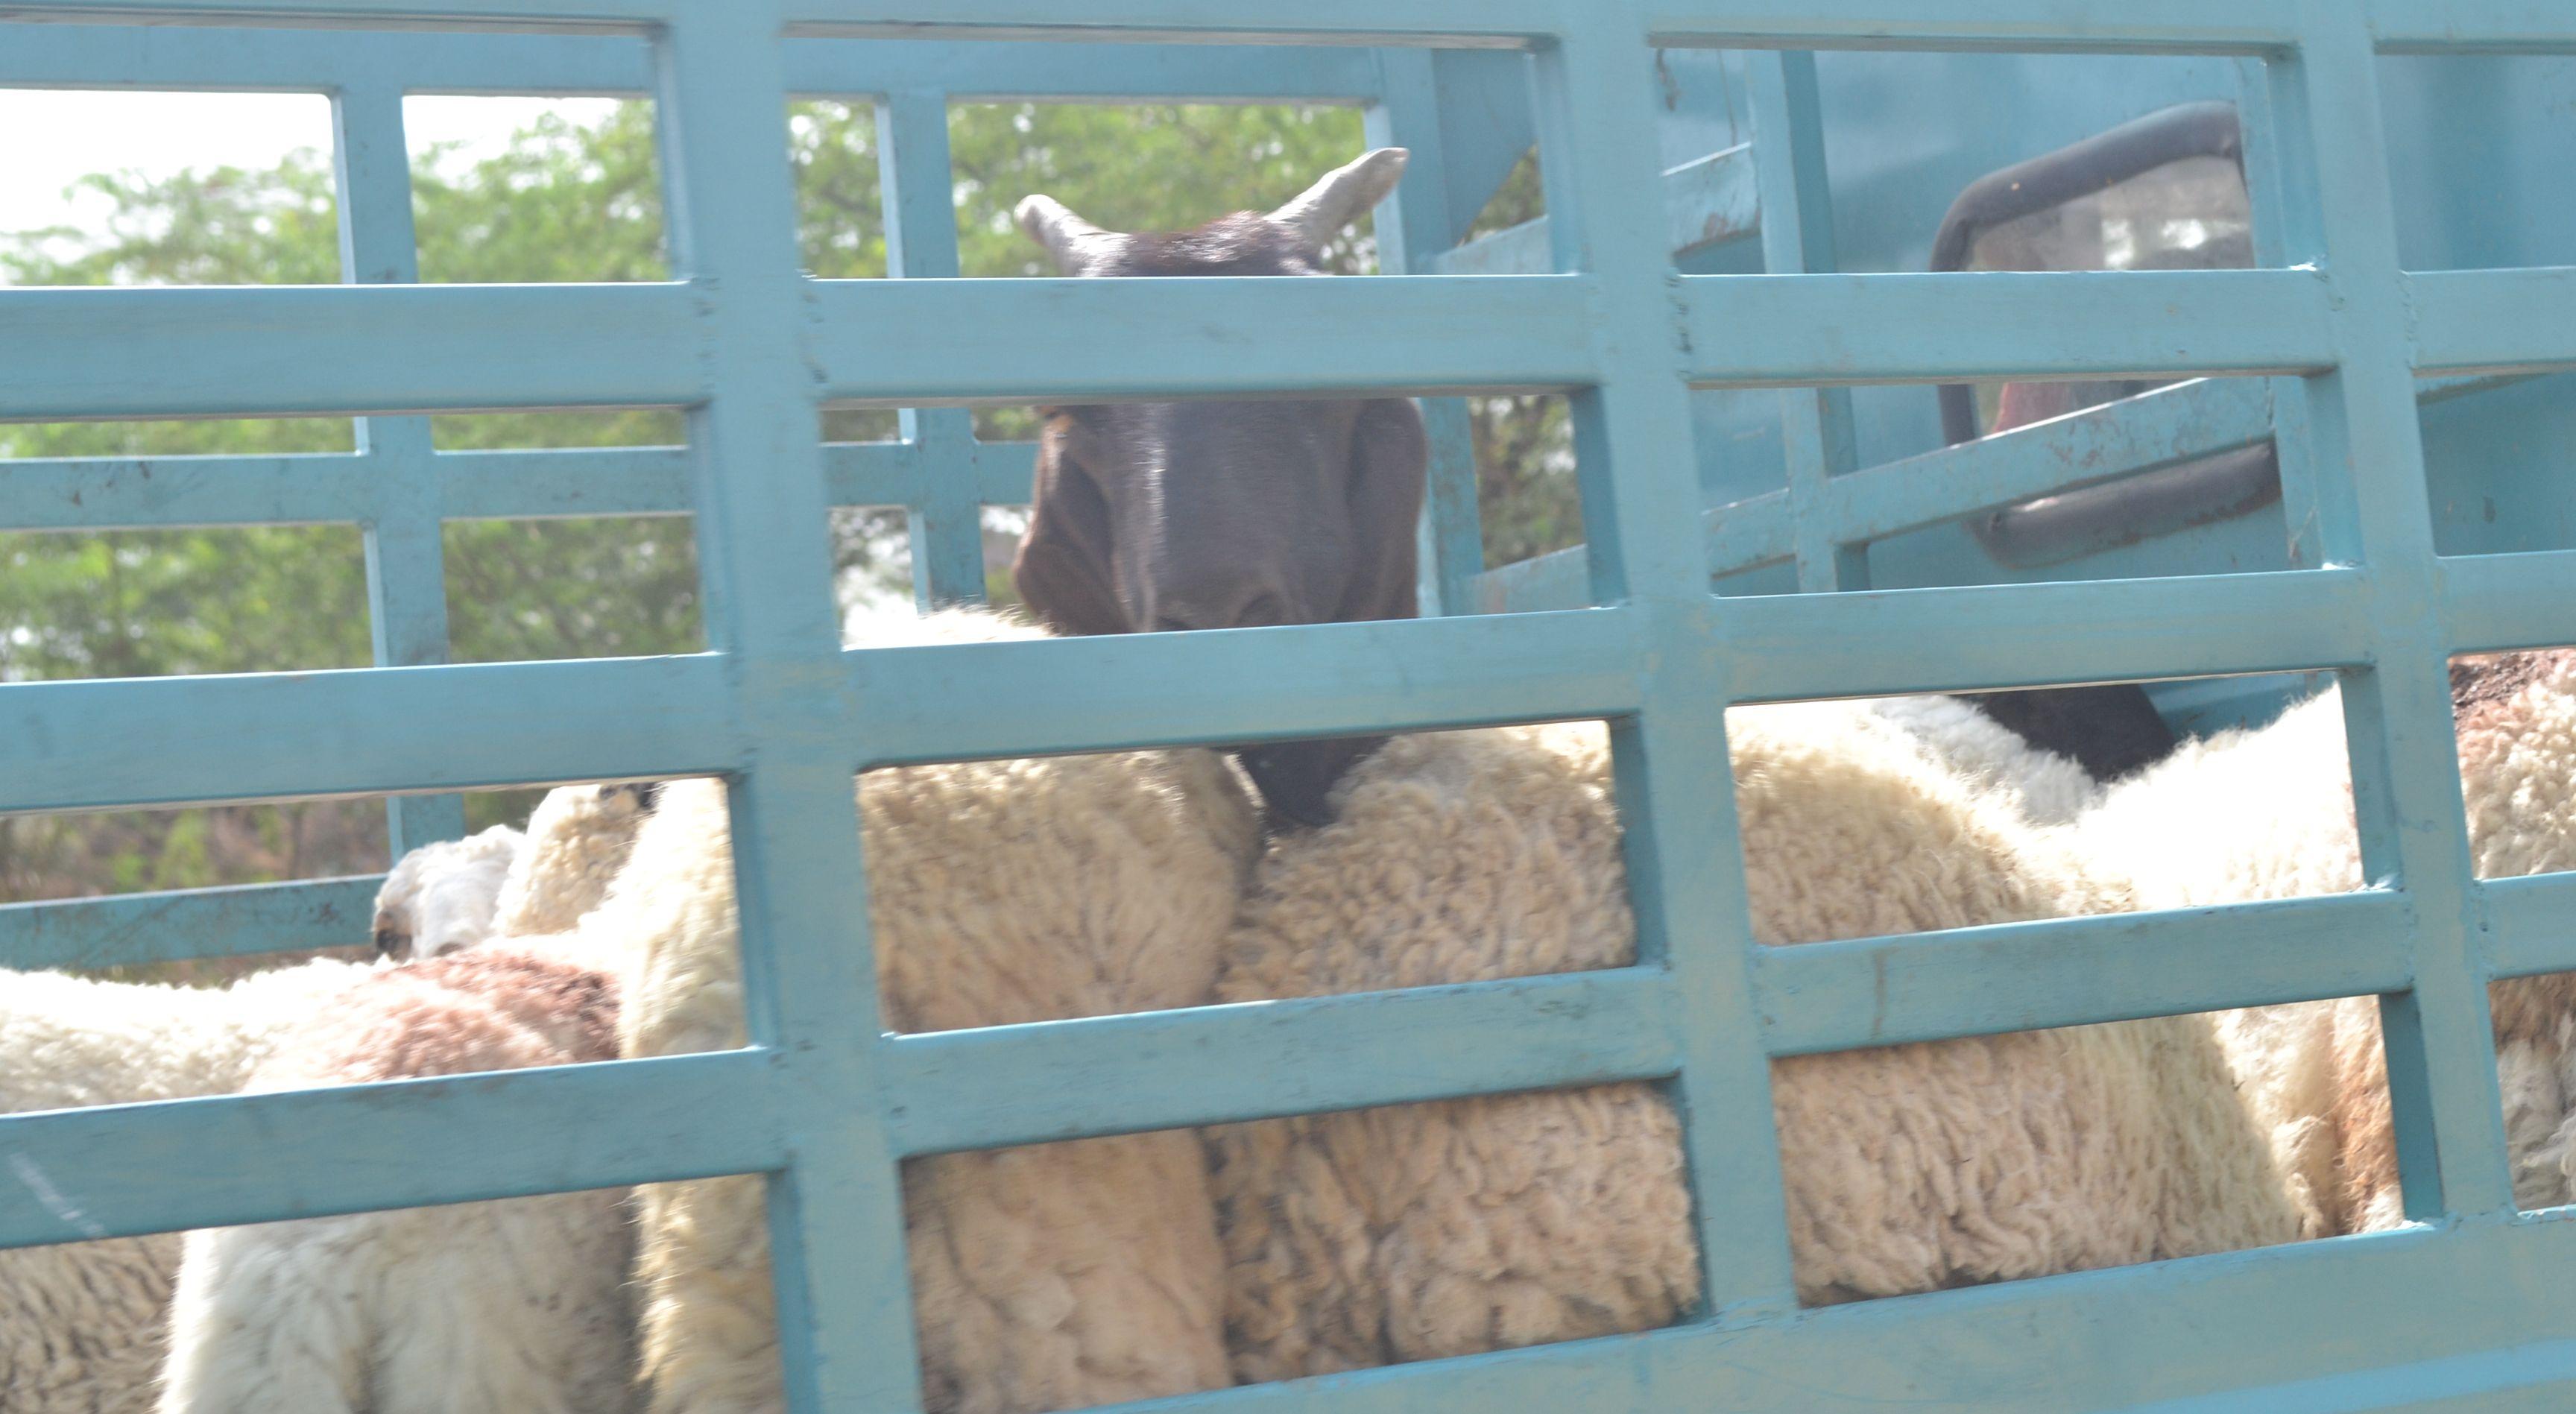 patrika investigation : राजस्थान के इस शहर की पशु मंडी धड़ल्ले से बिना रोक टोक हो रहा ये गंदा काम, पढ़ें क्या है पूरी खबर